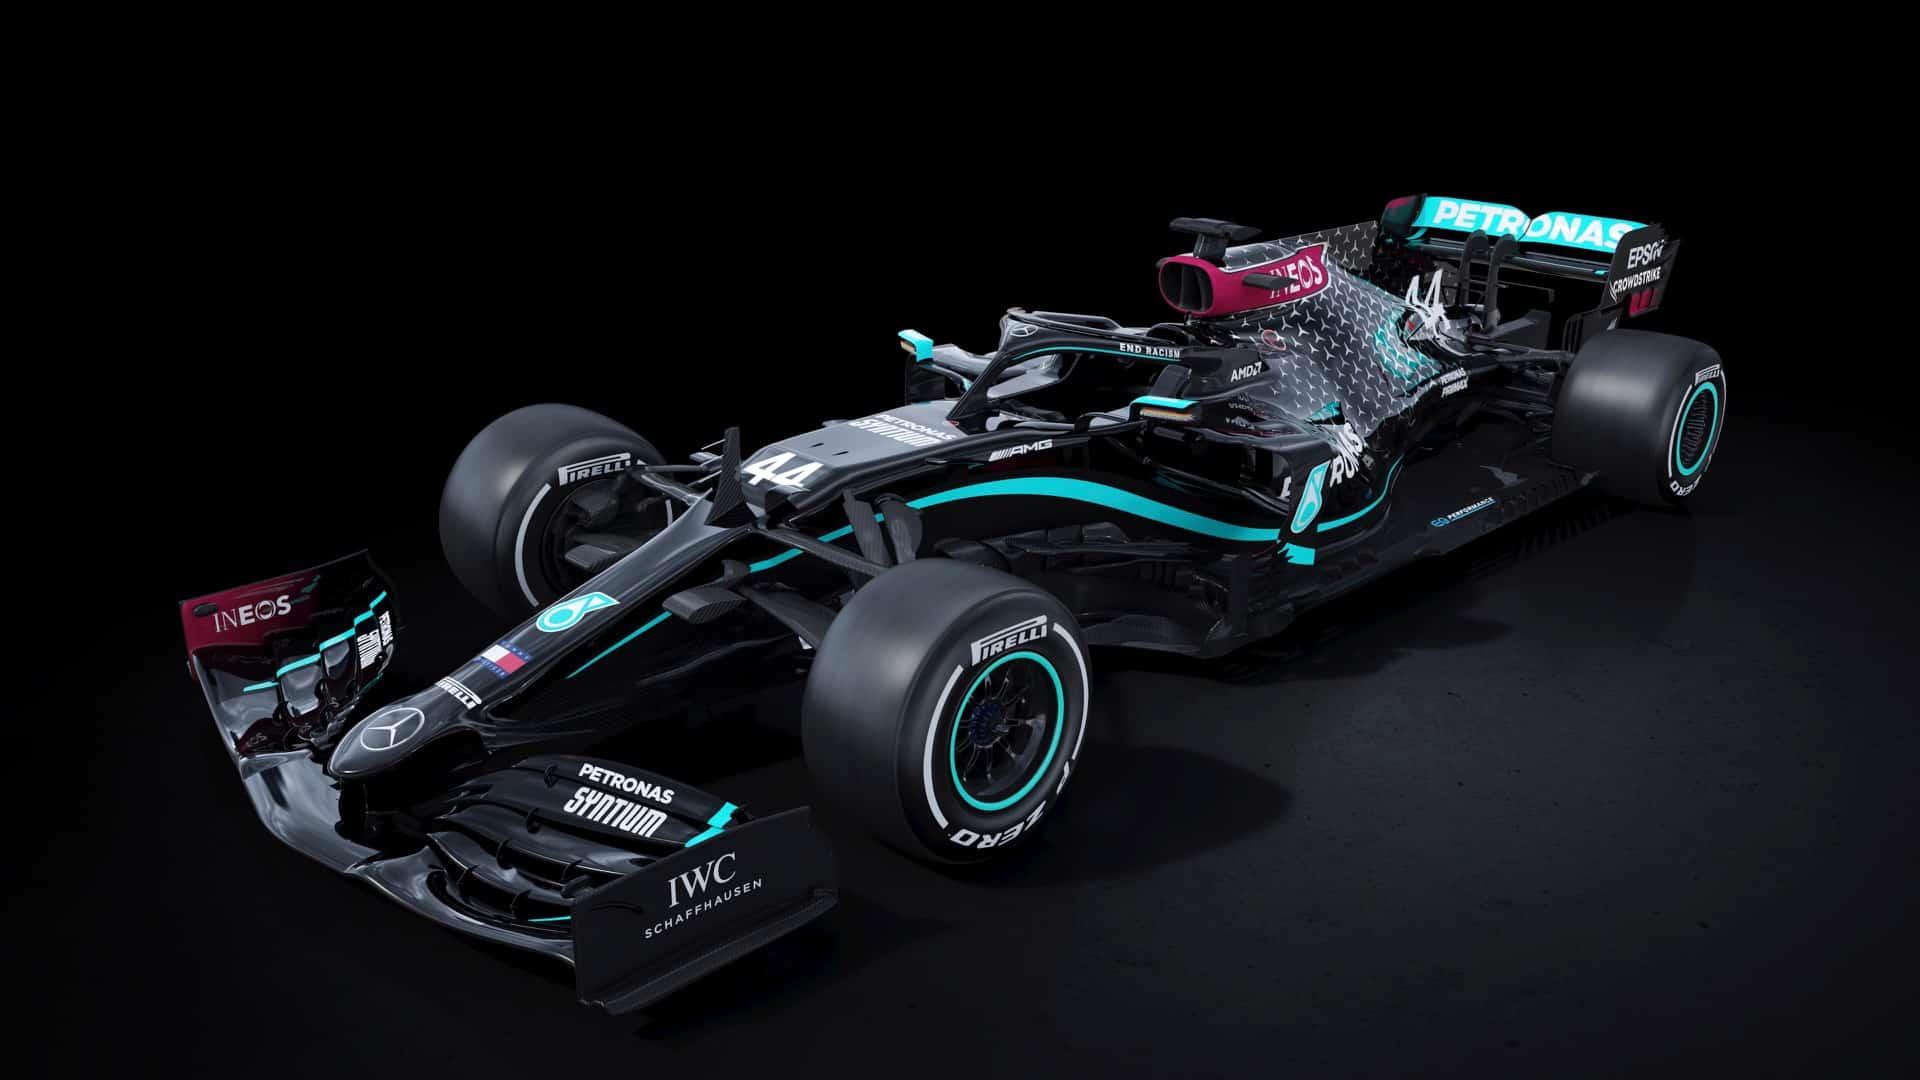 2020 Mercedes Amg W11 Formula One Car 100750147 H